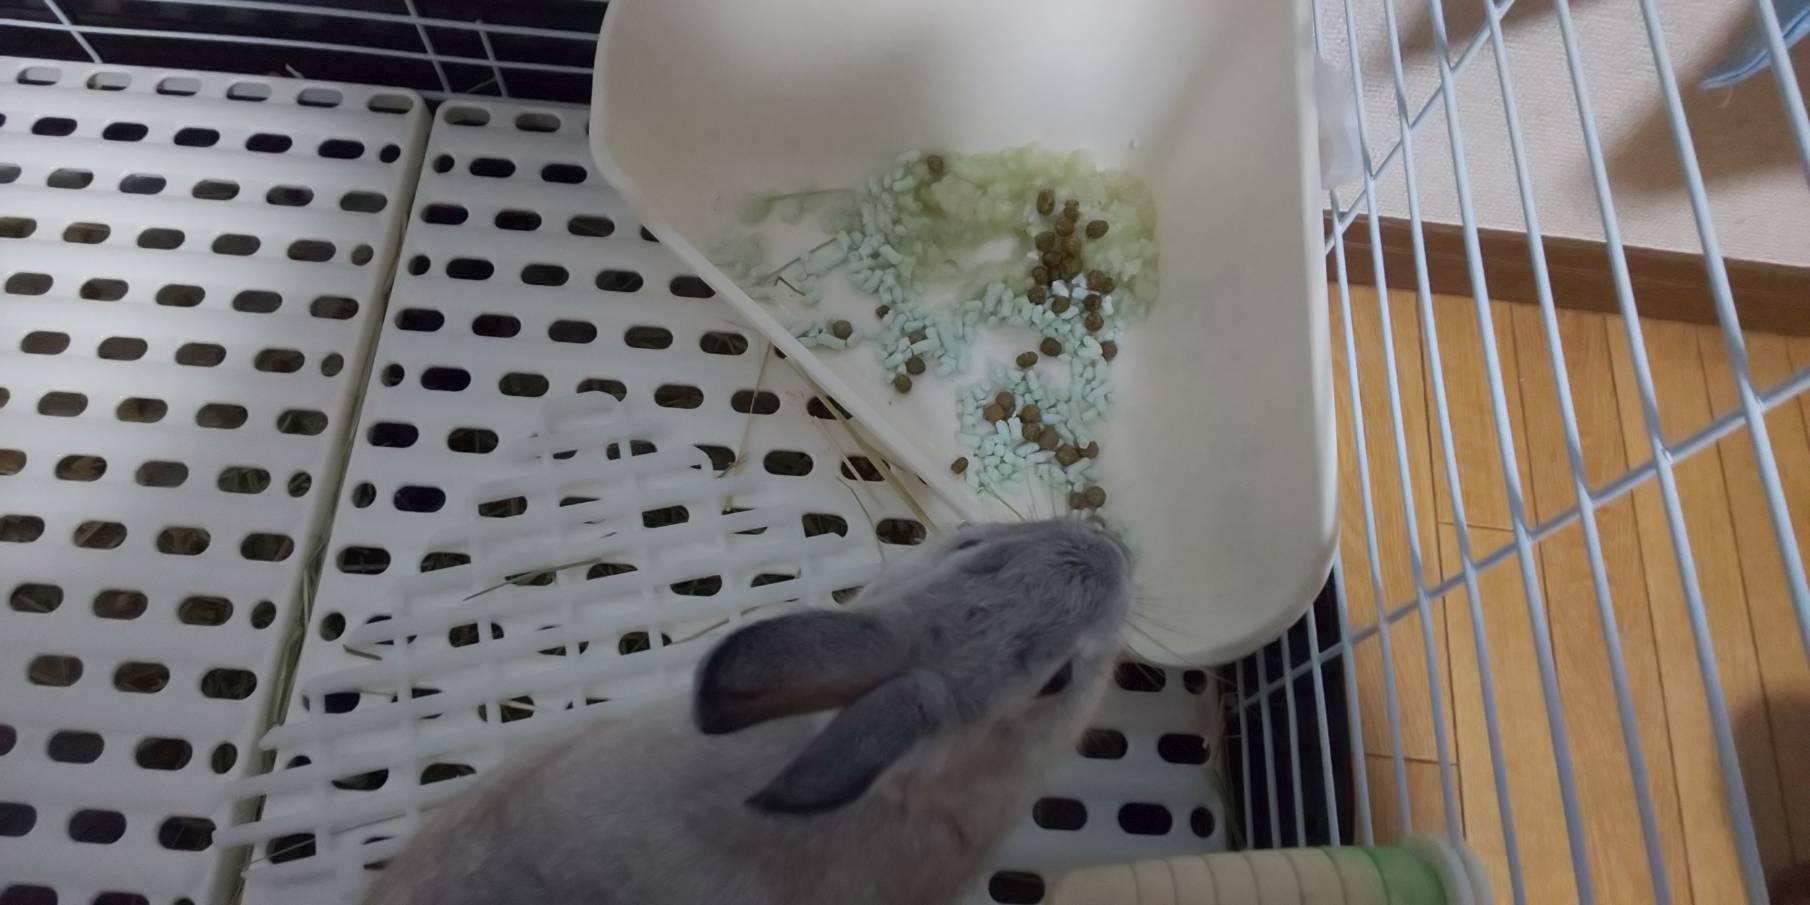 【ミニウサギ】うさぎのトイレで困ったことなんだけど。